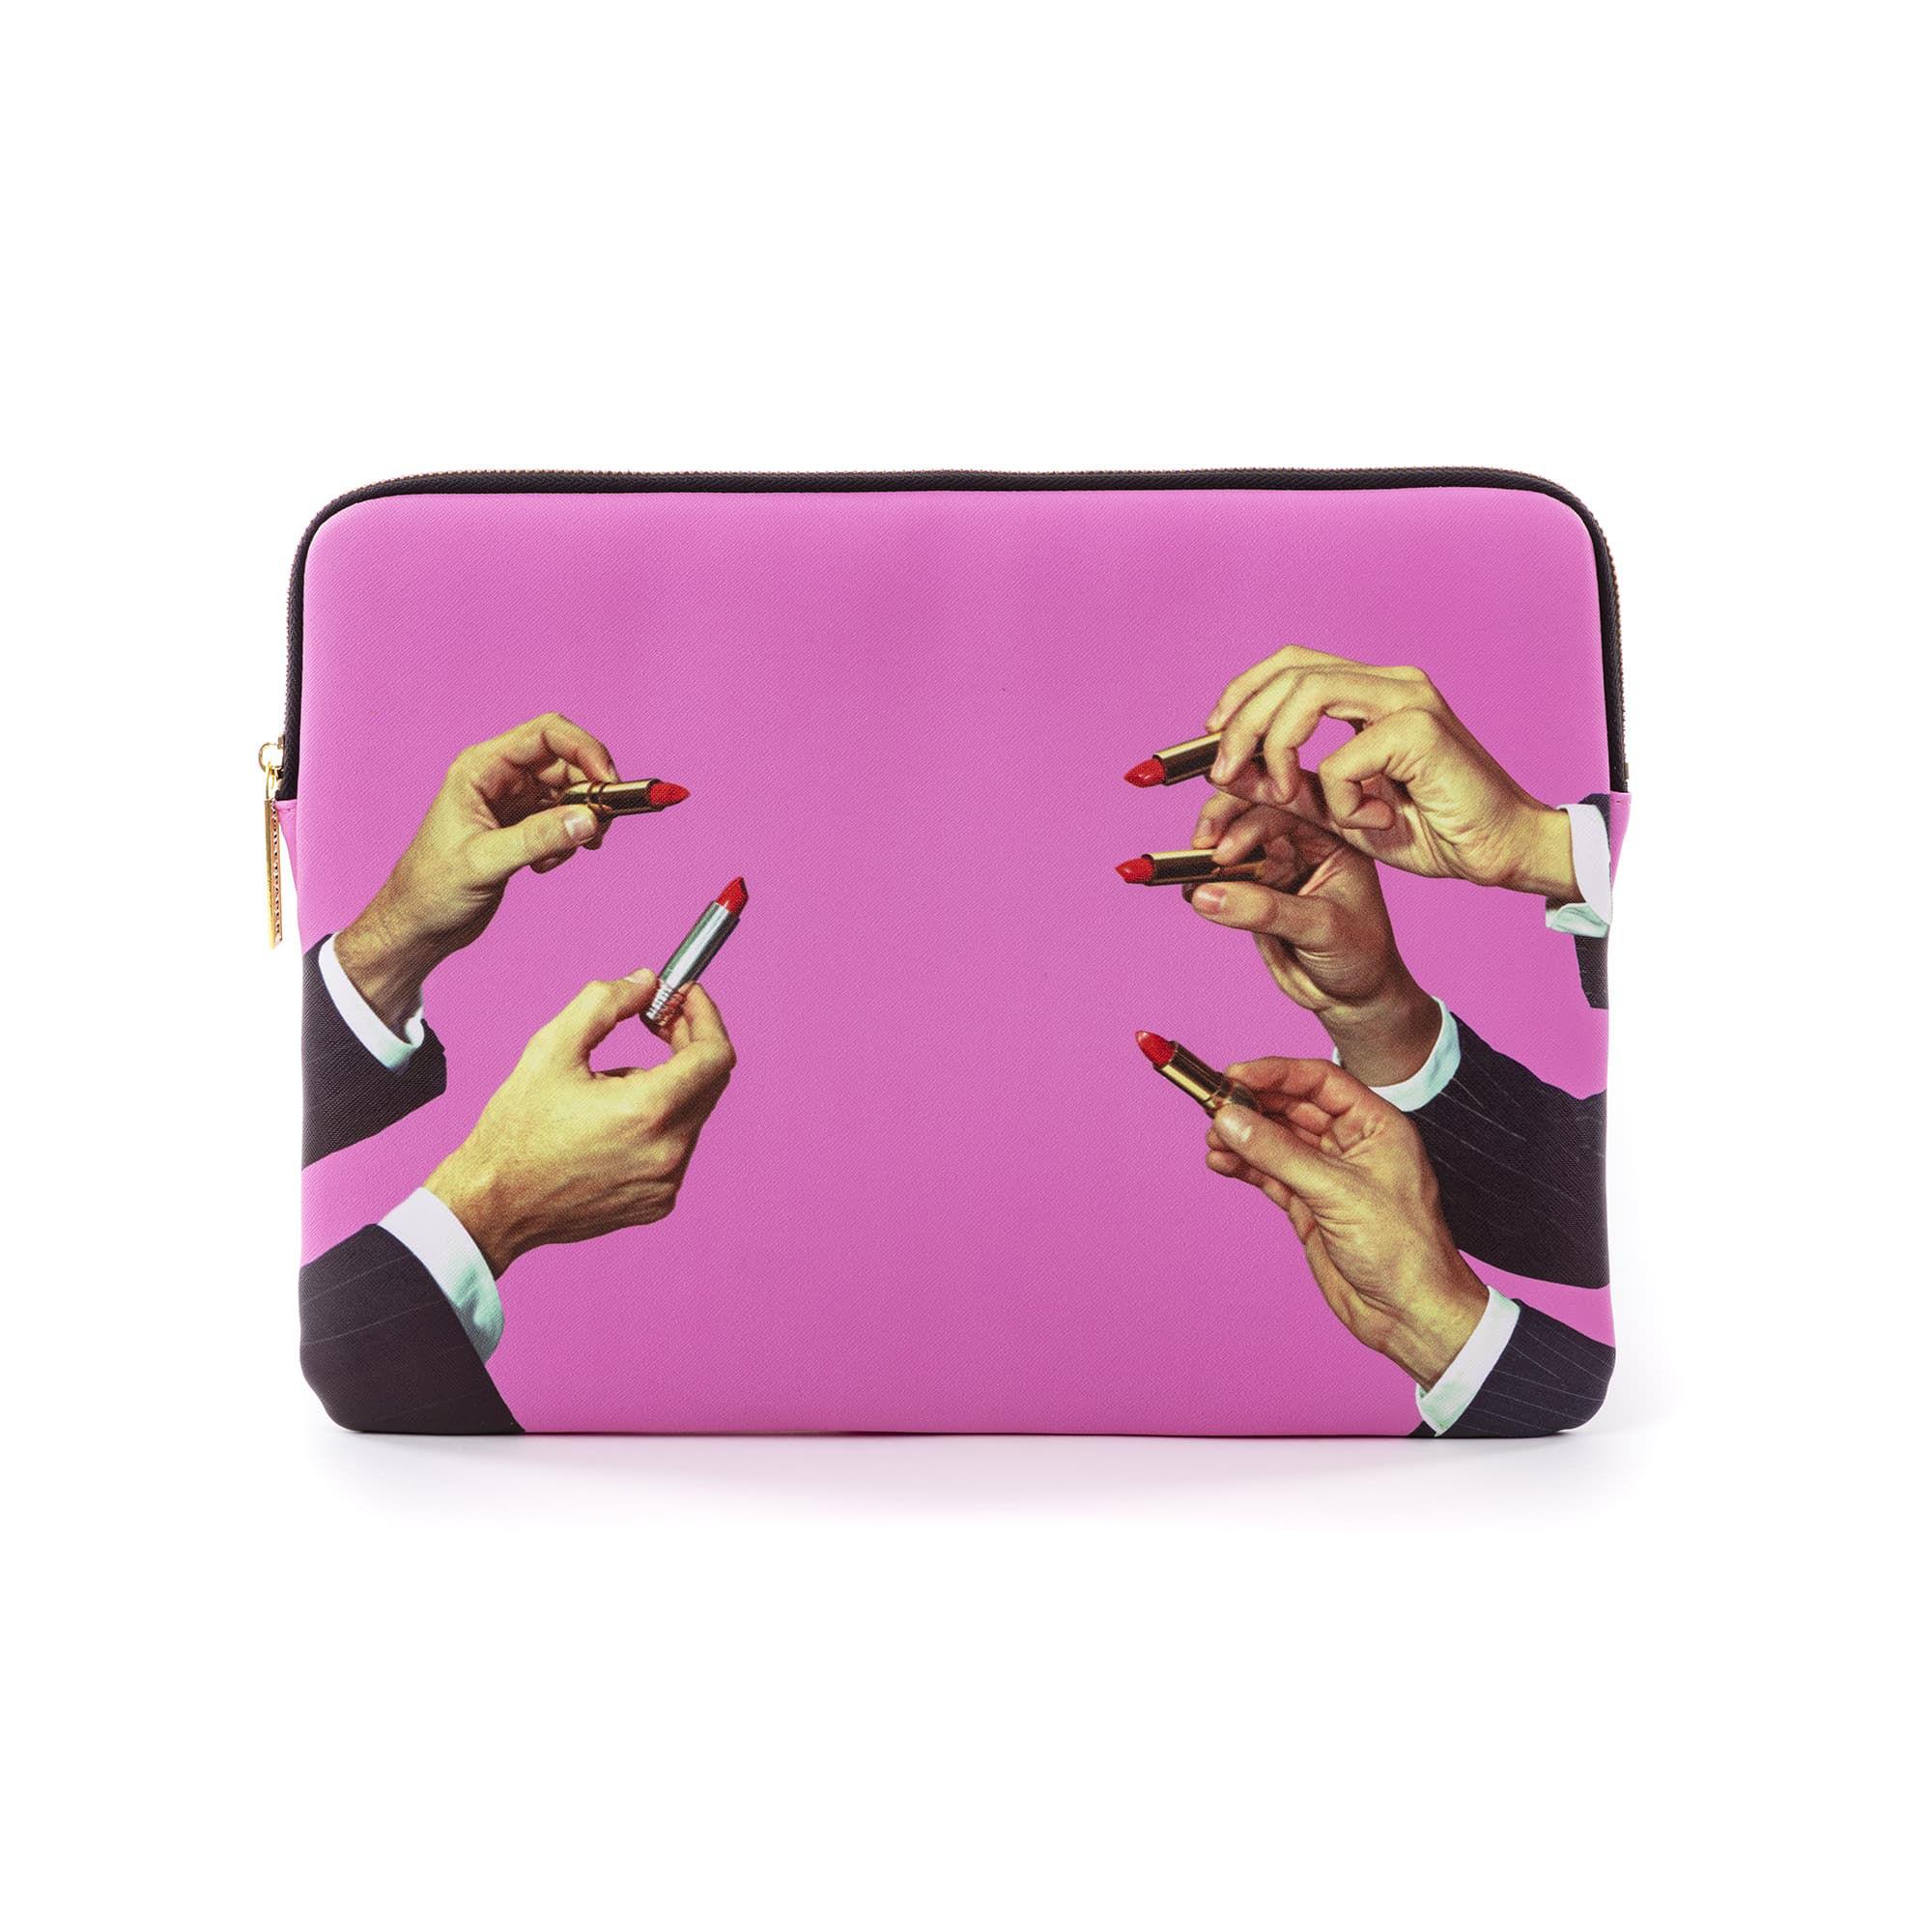 Accessoires - Sacs, trousses, porte-monnaie... - Housse pour ordinateur Toiletpaper - Lipsticks / 13 pouces - 34,5 x 25 cm - Seletti - Lipsticks / Rose - Polyester, Polyuréthane